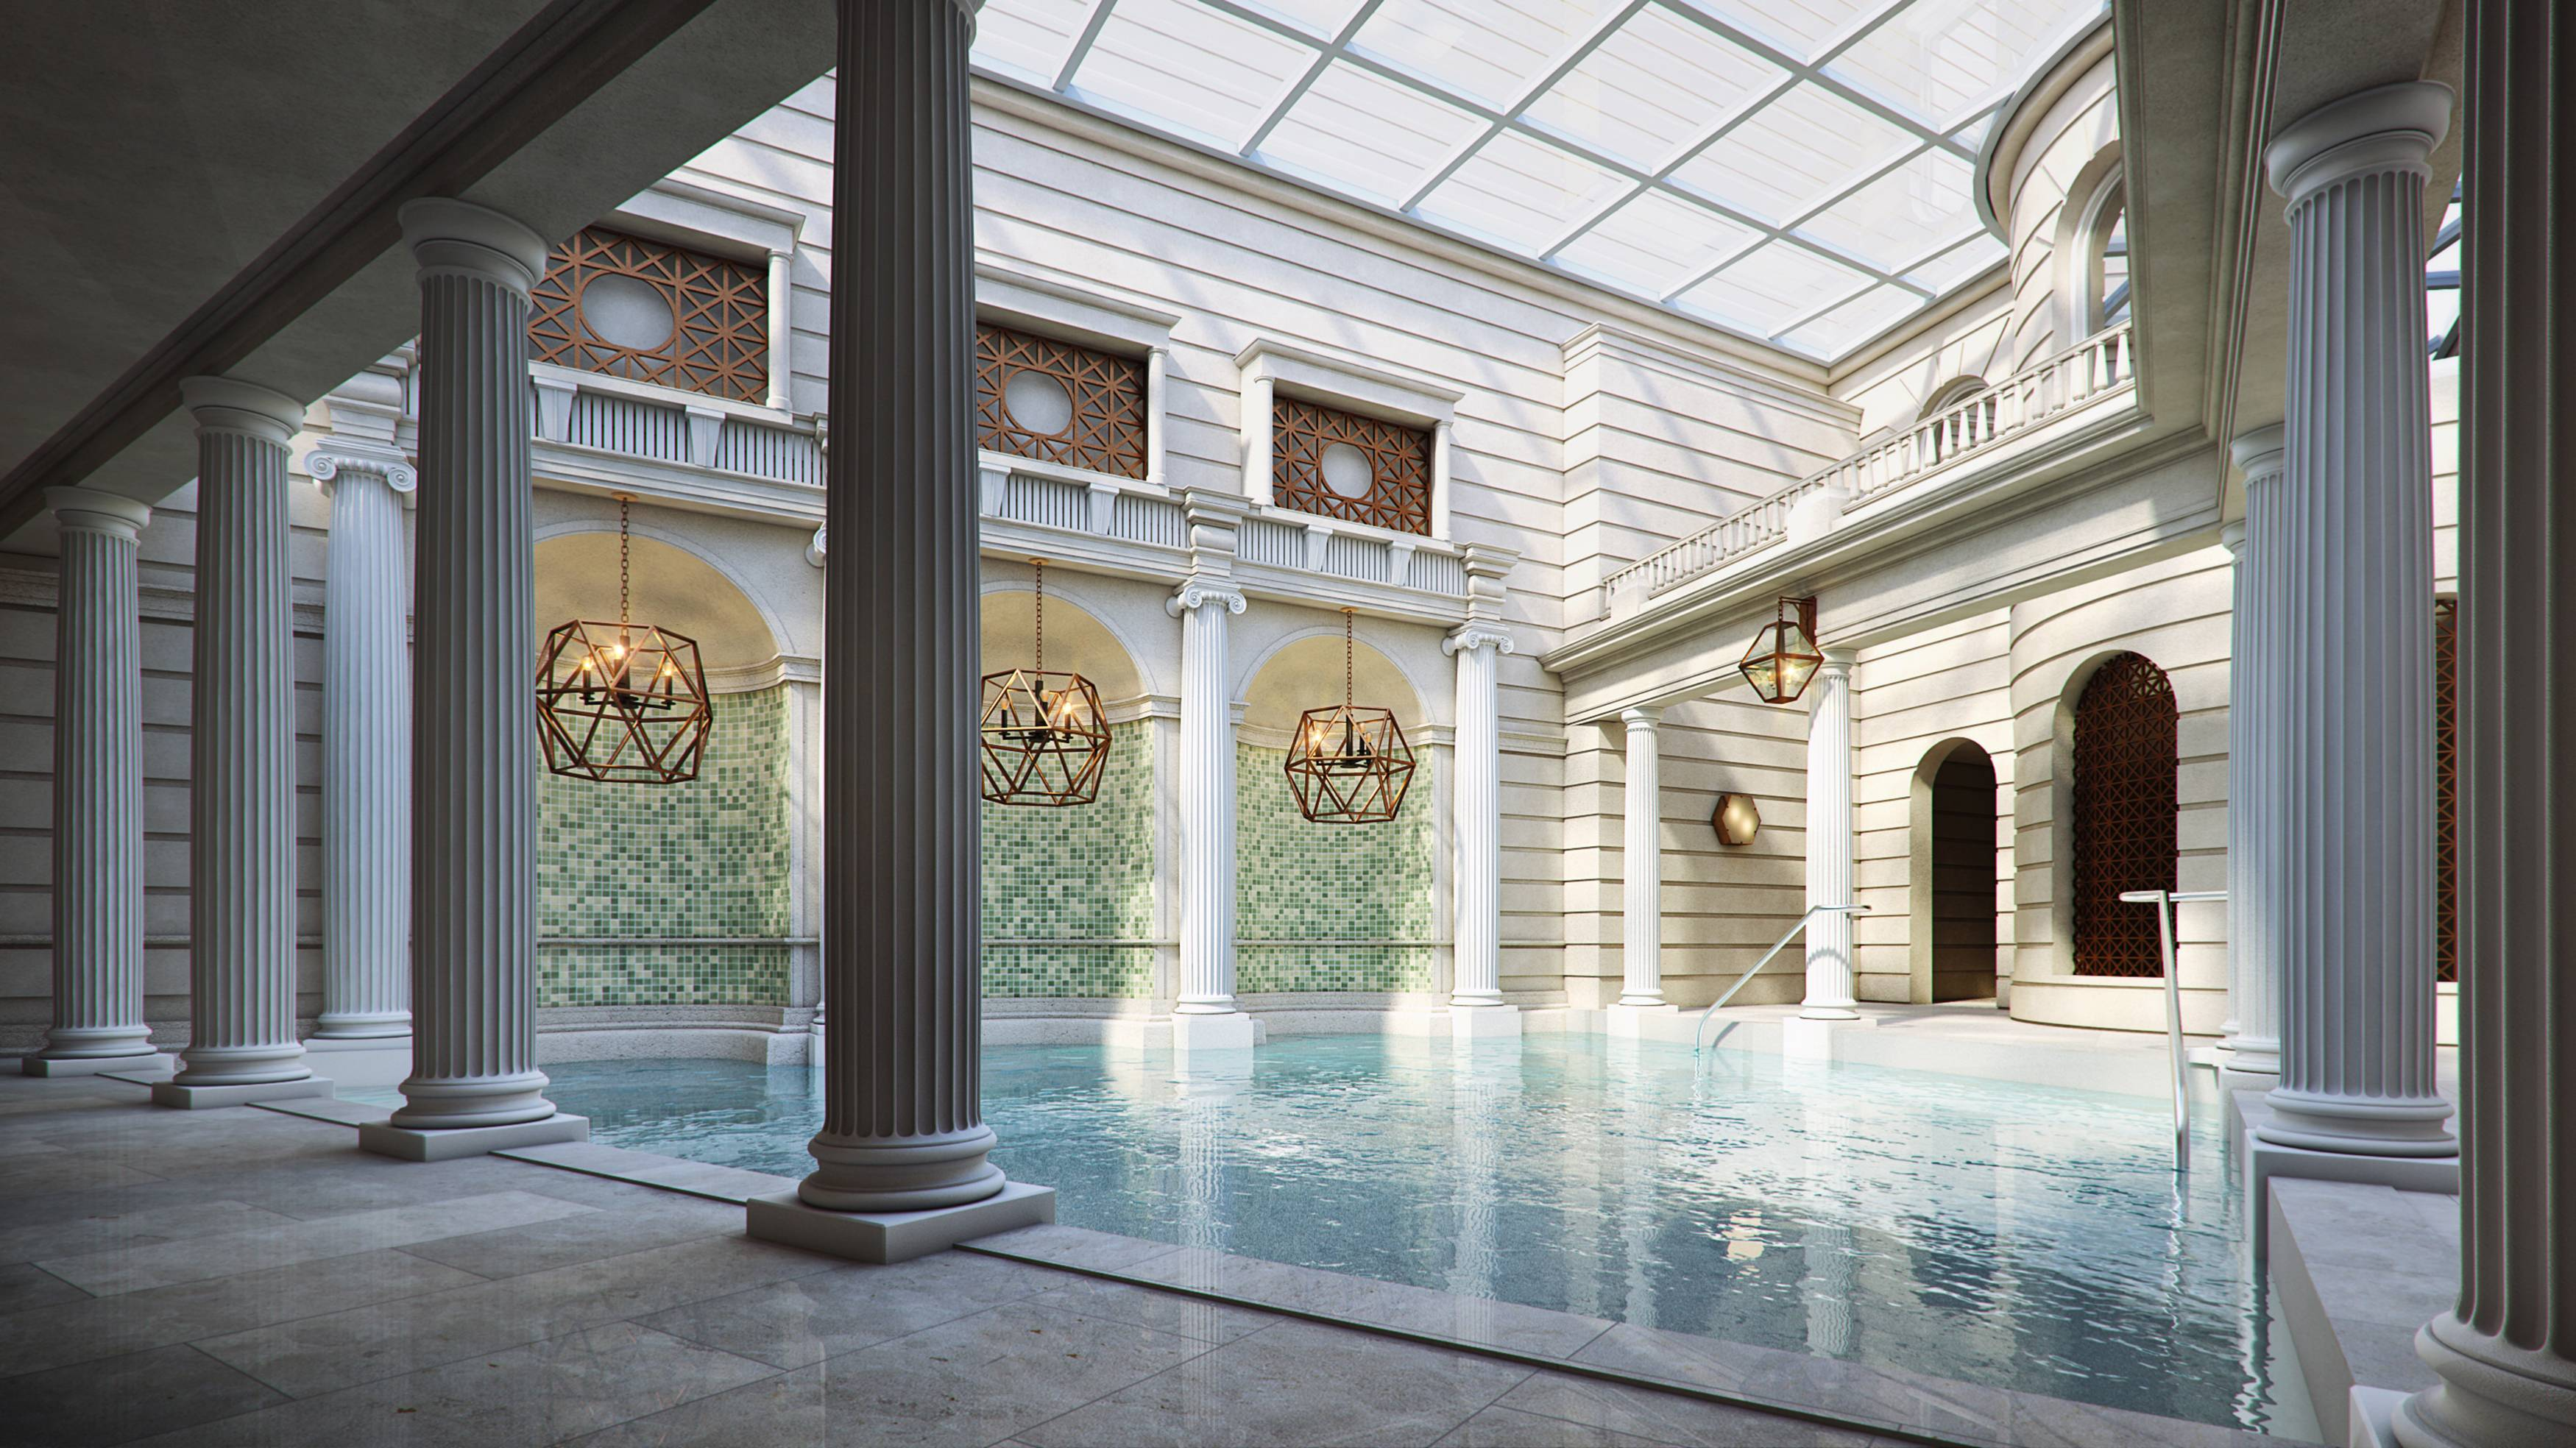 Gainsborough Bath Spa Hotel in Bath